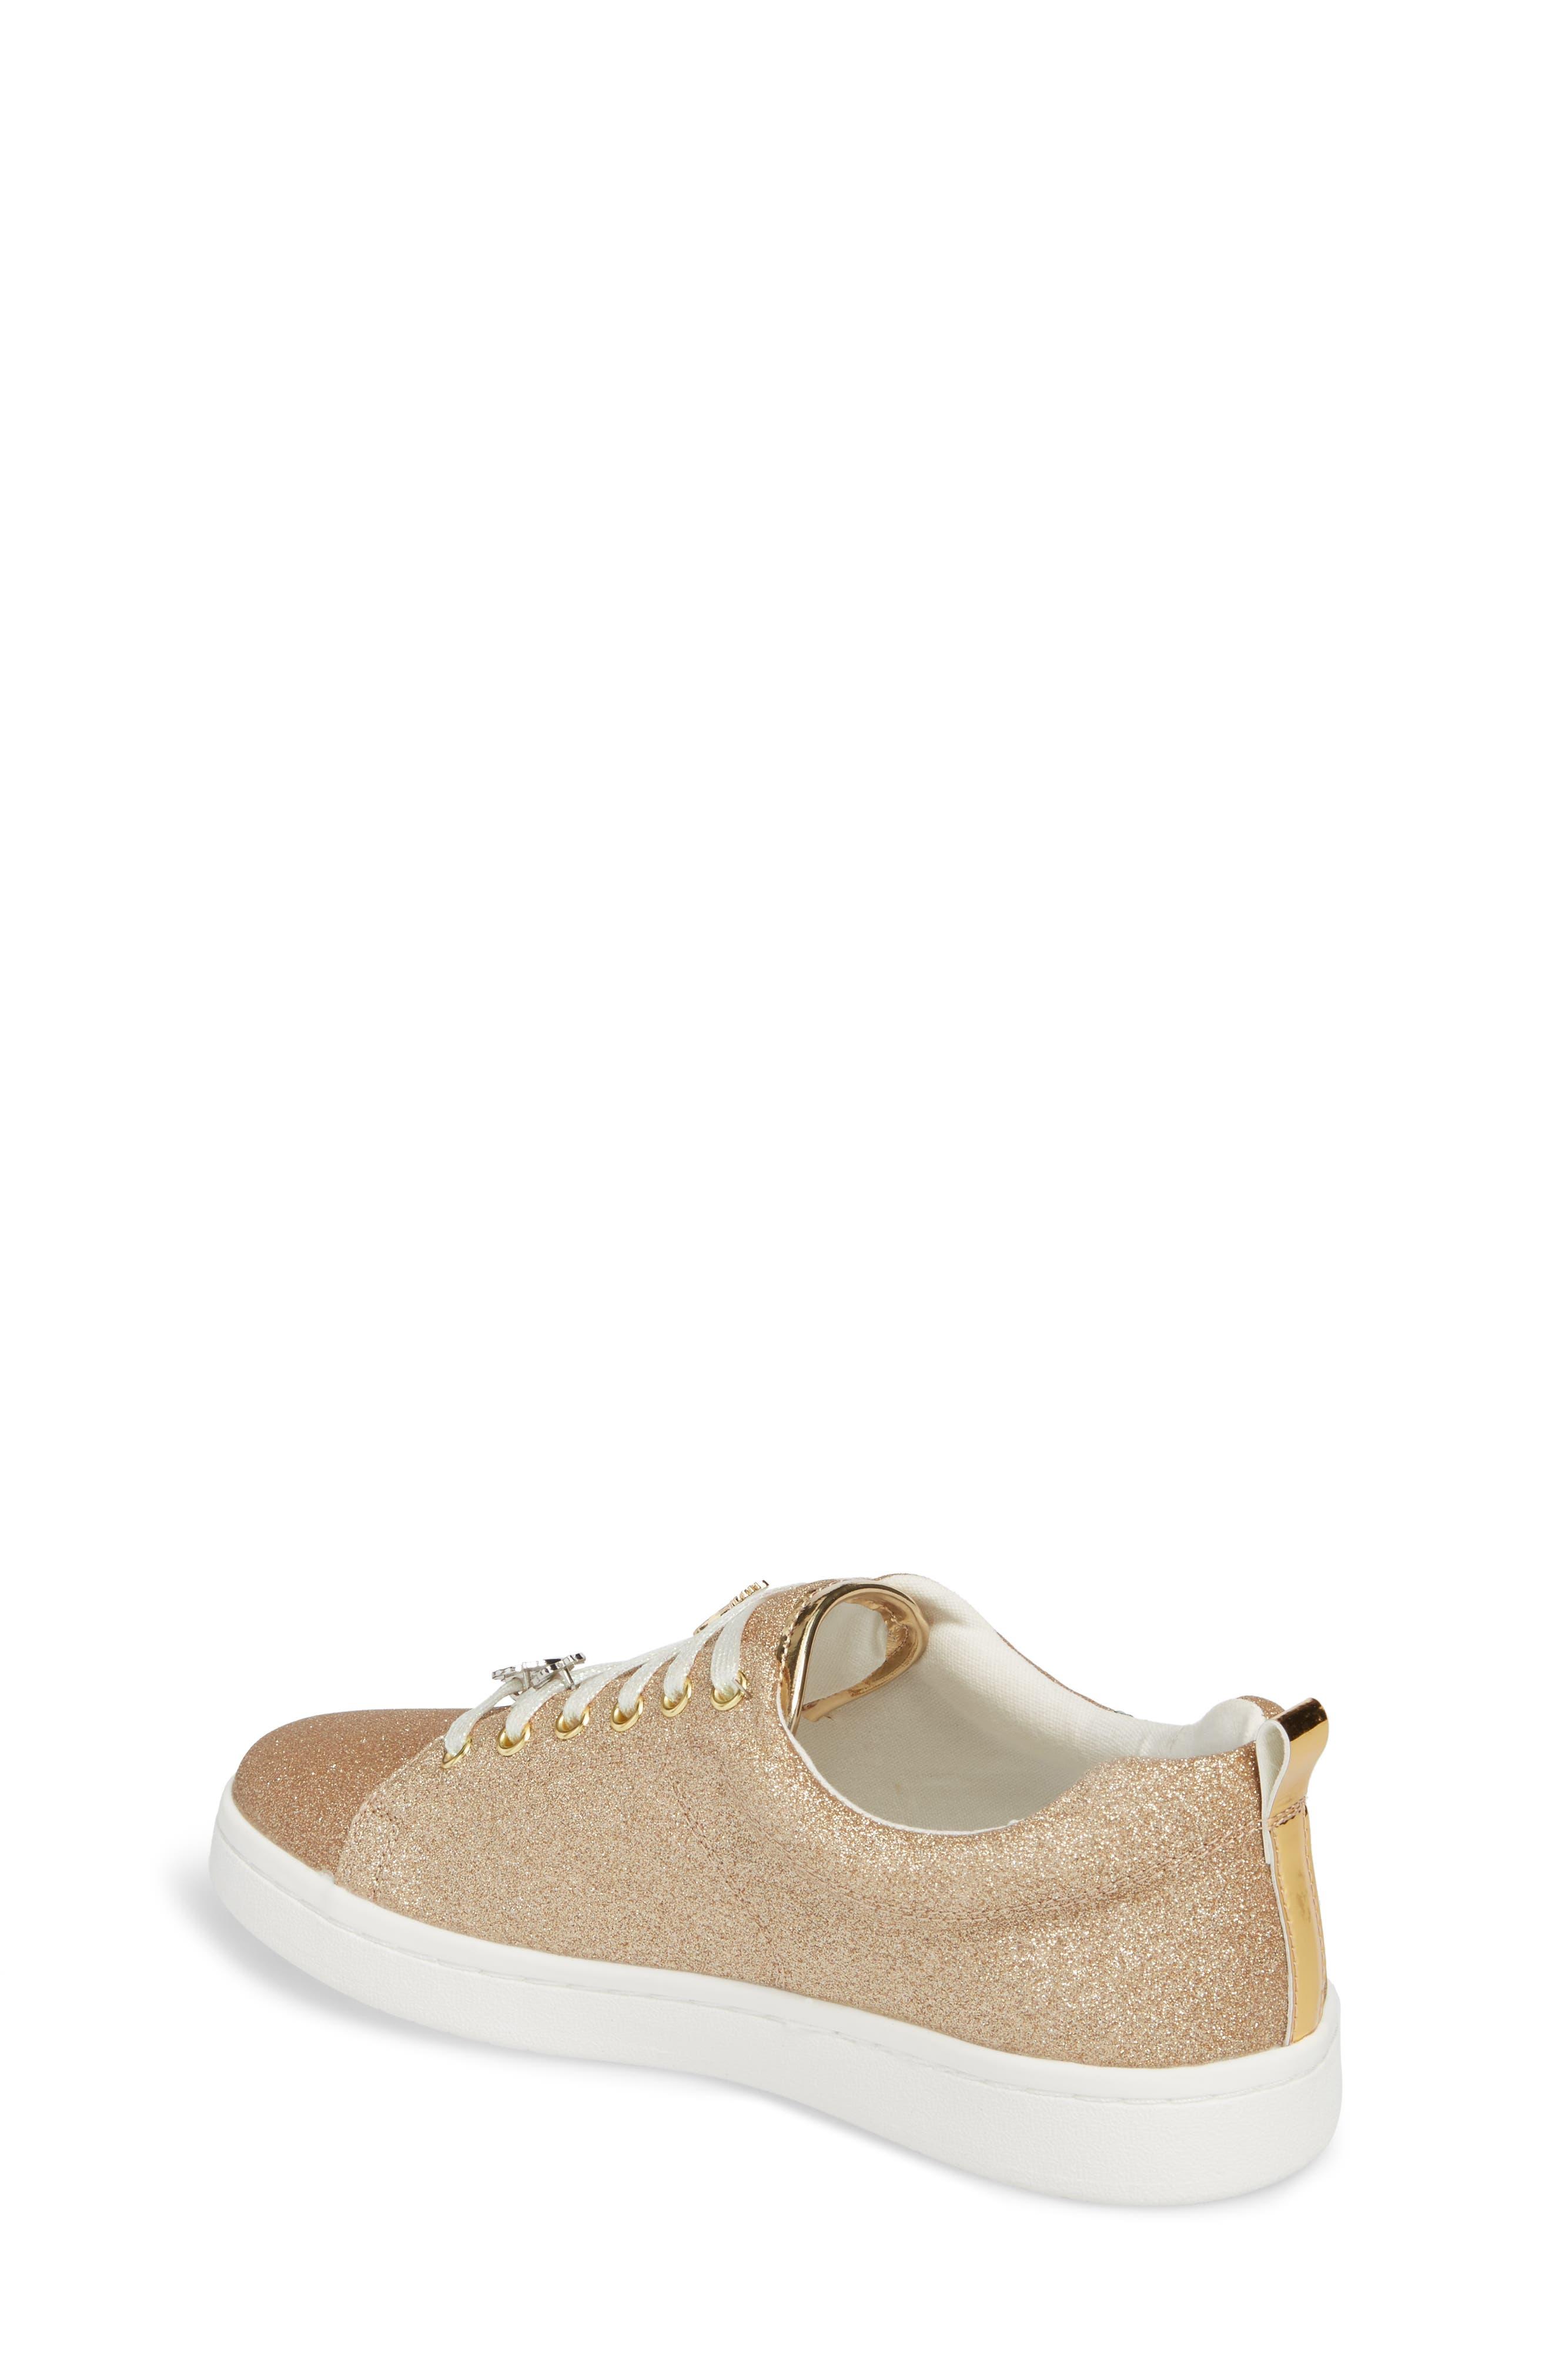 Blane Myth Glitter Sneaker,                             Alternate thumbnail 2, color,                             712